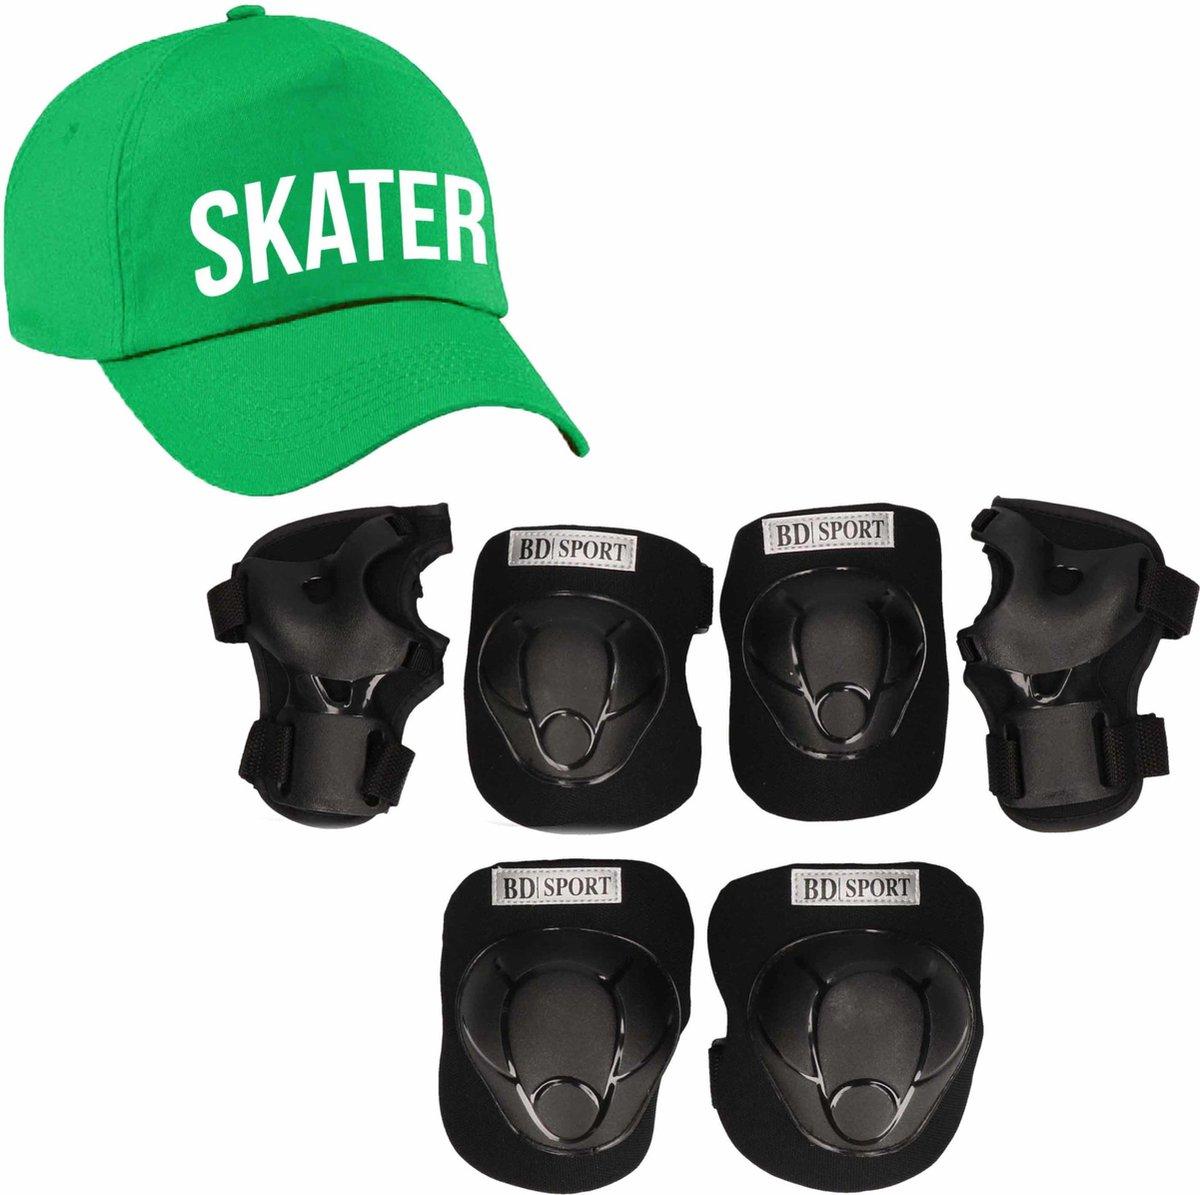 Set van valbescherming voor kinderen maat L / 9 tot 10 jaar met een stoere SKATER pet groen